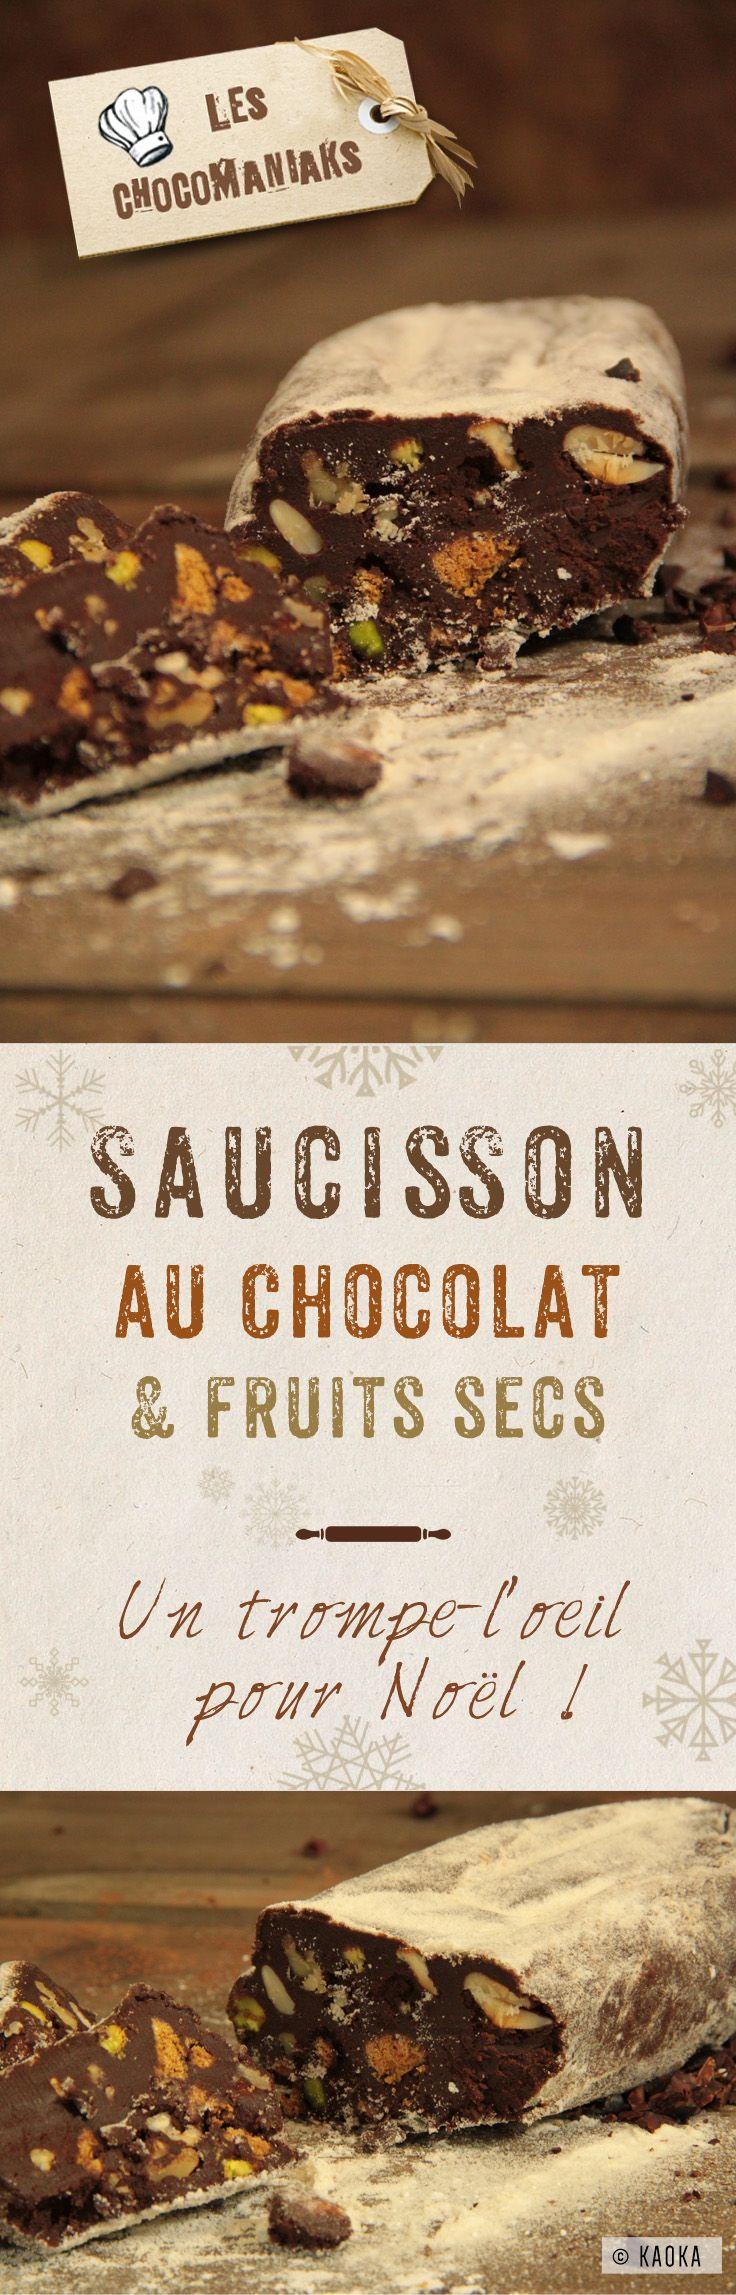 Saucisson au Chocolat & Fruits Secs - un délicieux trompe-l'oeil pour Noël // Recette proposée par le Blog LesChocomaniaks www.chocomaniaks.fr // Chocolat Bio Équitable ©KAOKA